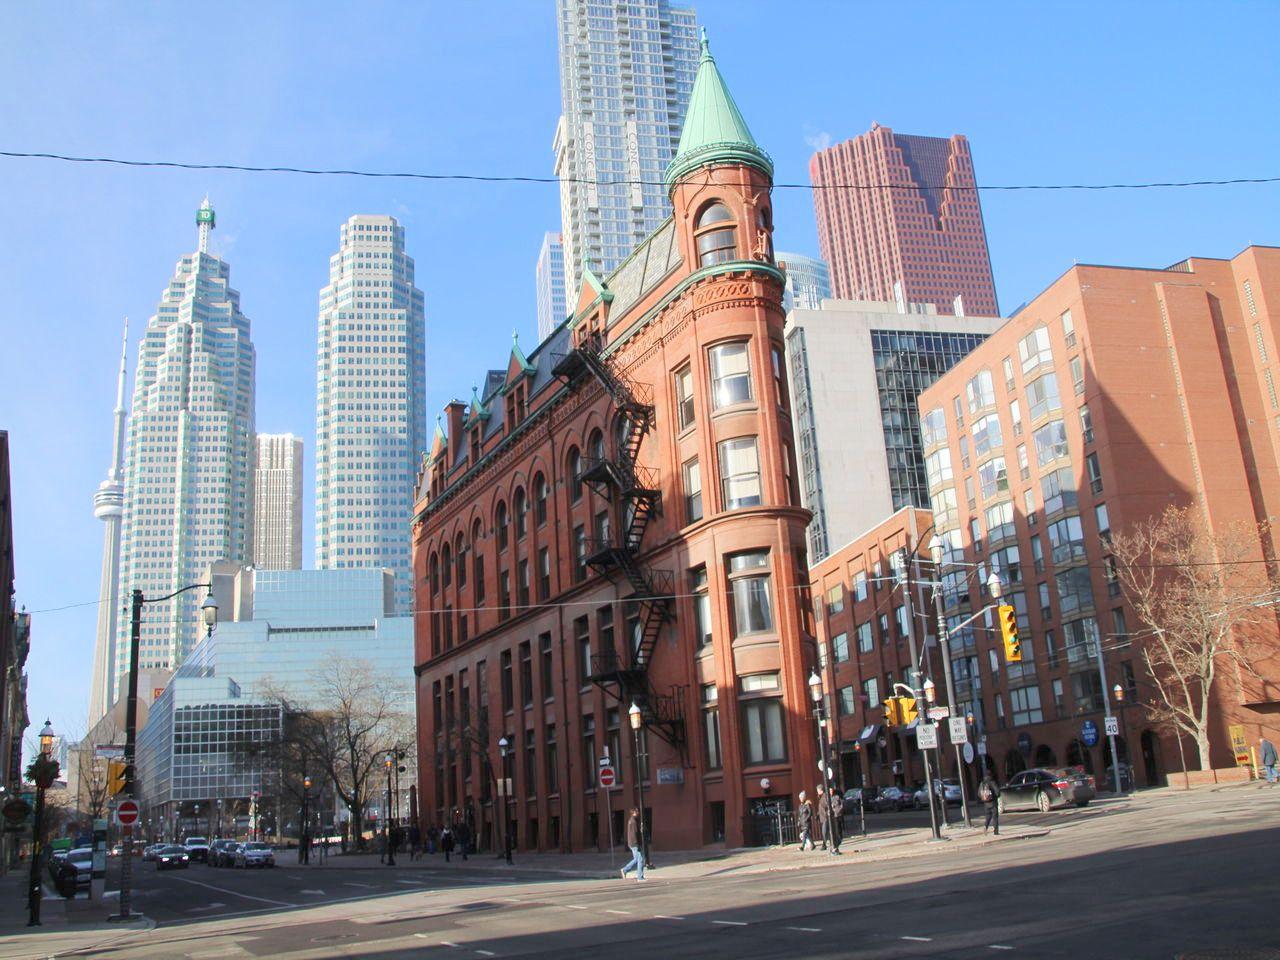 Gooderham Building, el edificio más singular de Toronto.